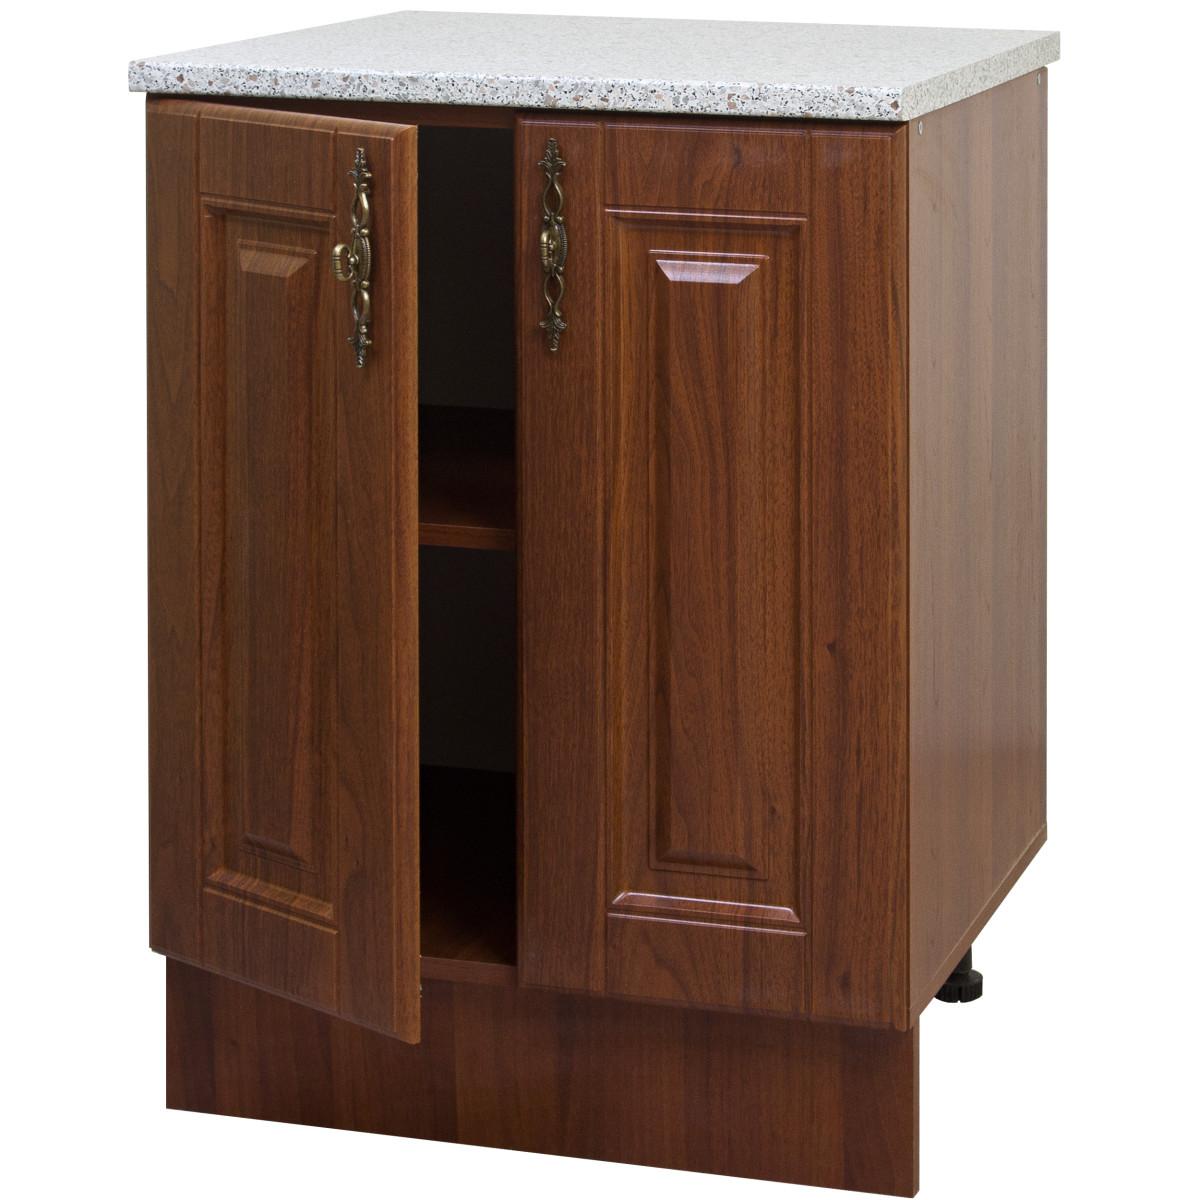 Шкаф напольный Орех 60х83.7х60 см цвет темный орех